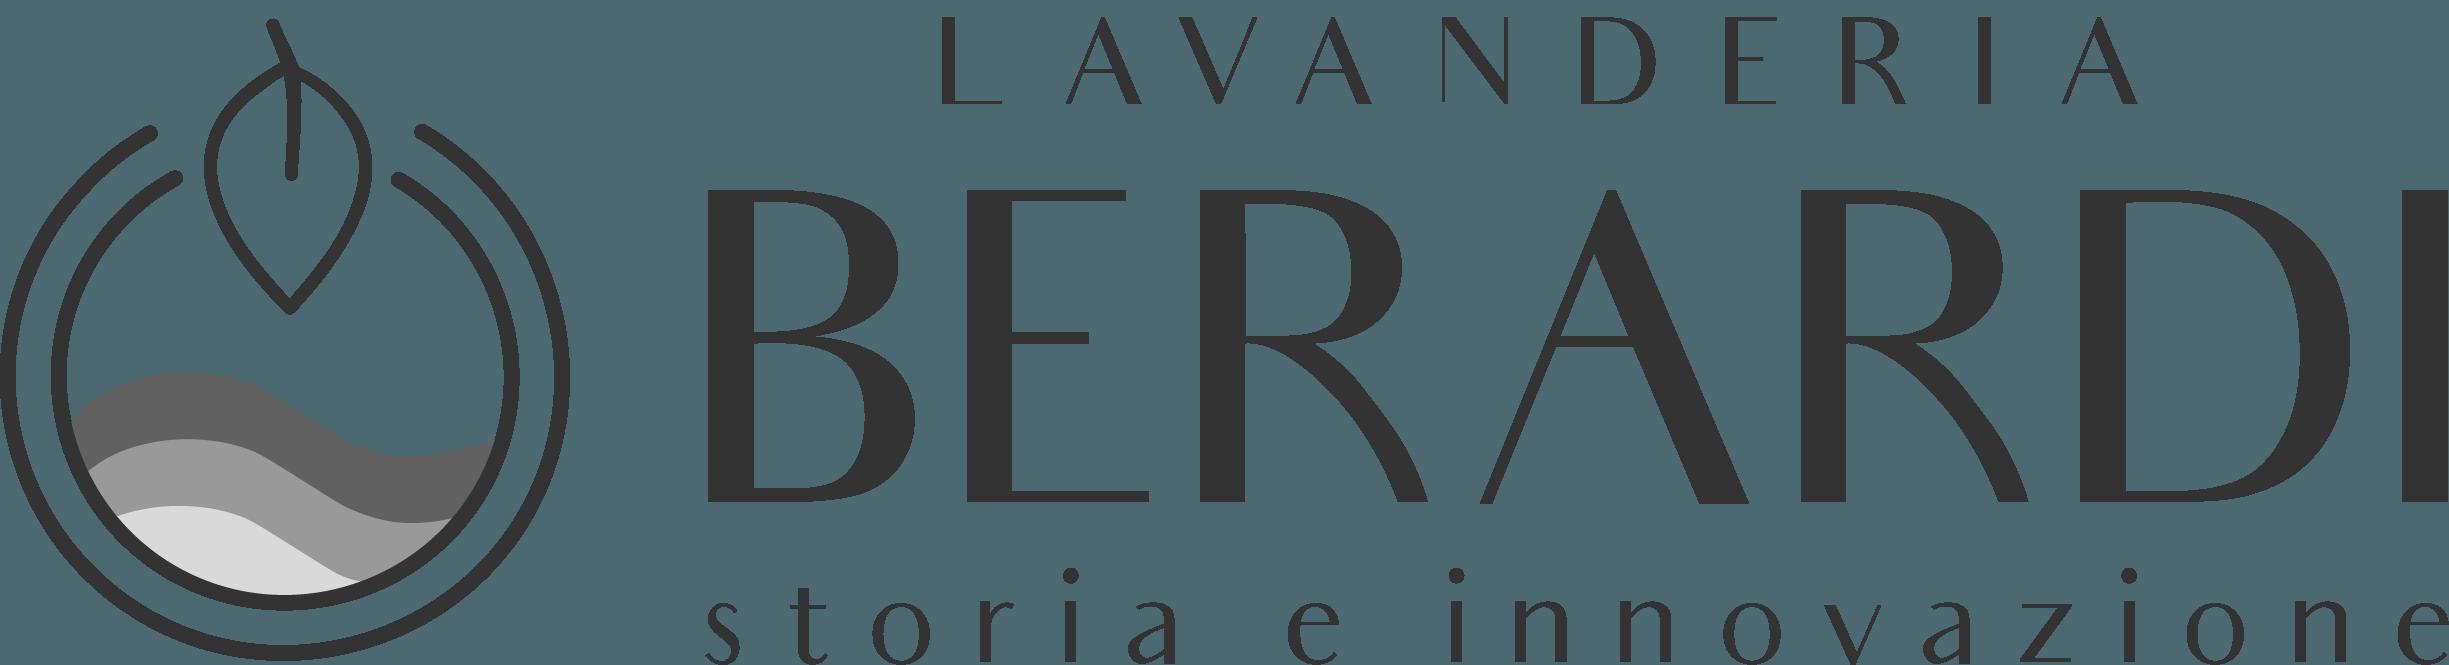 Lavanderia Perugia Berardi